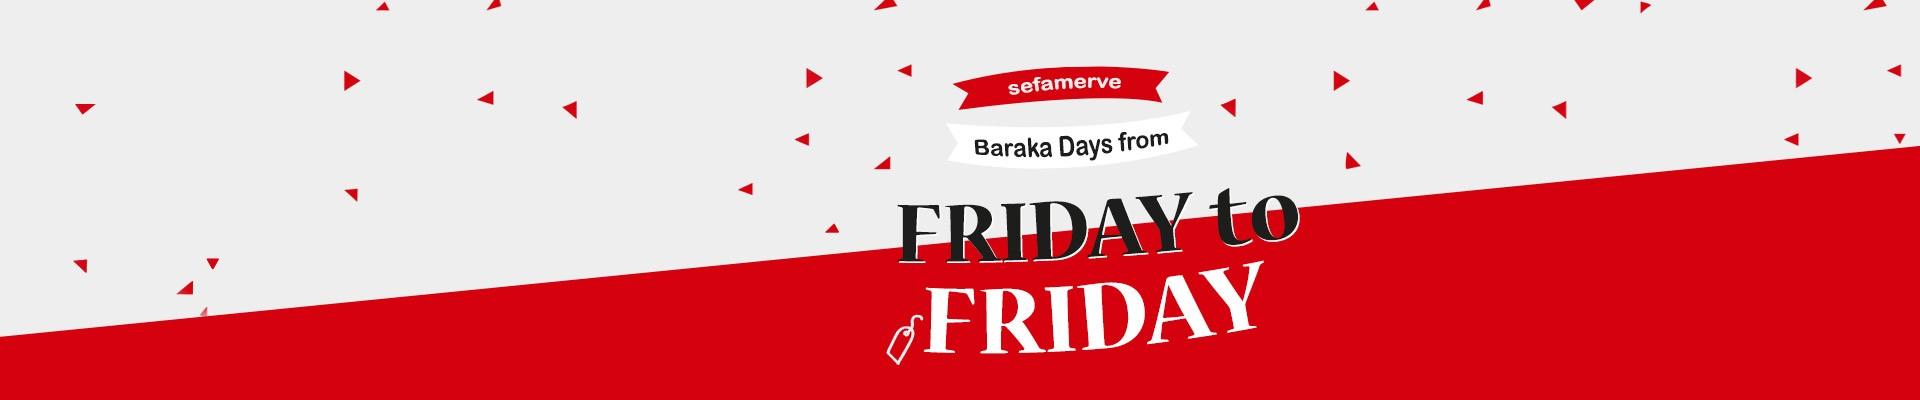 Baraka Days from Friday to Friday